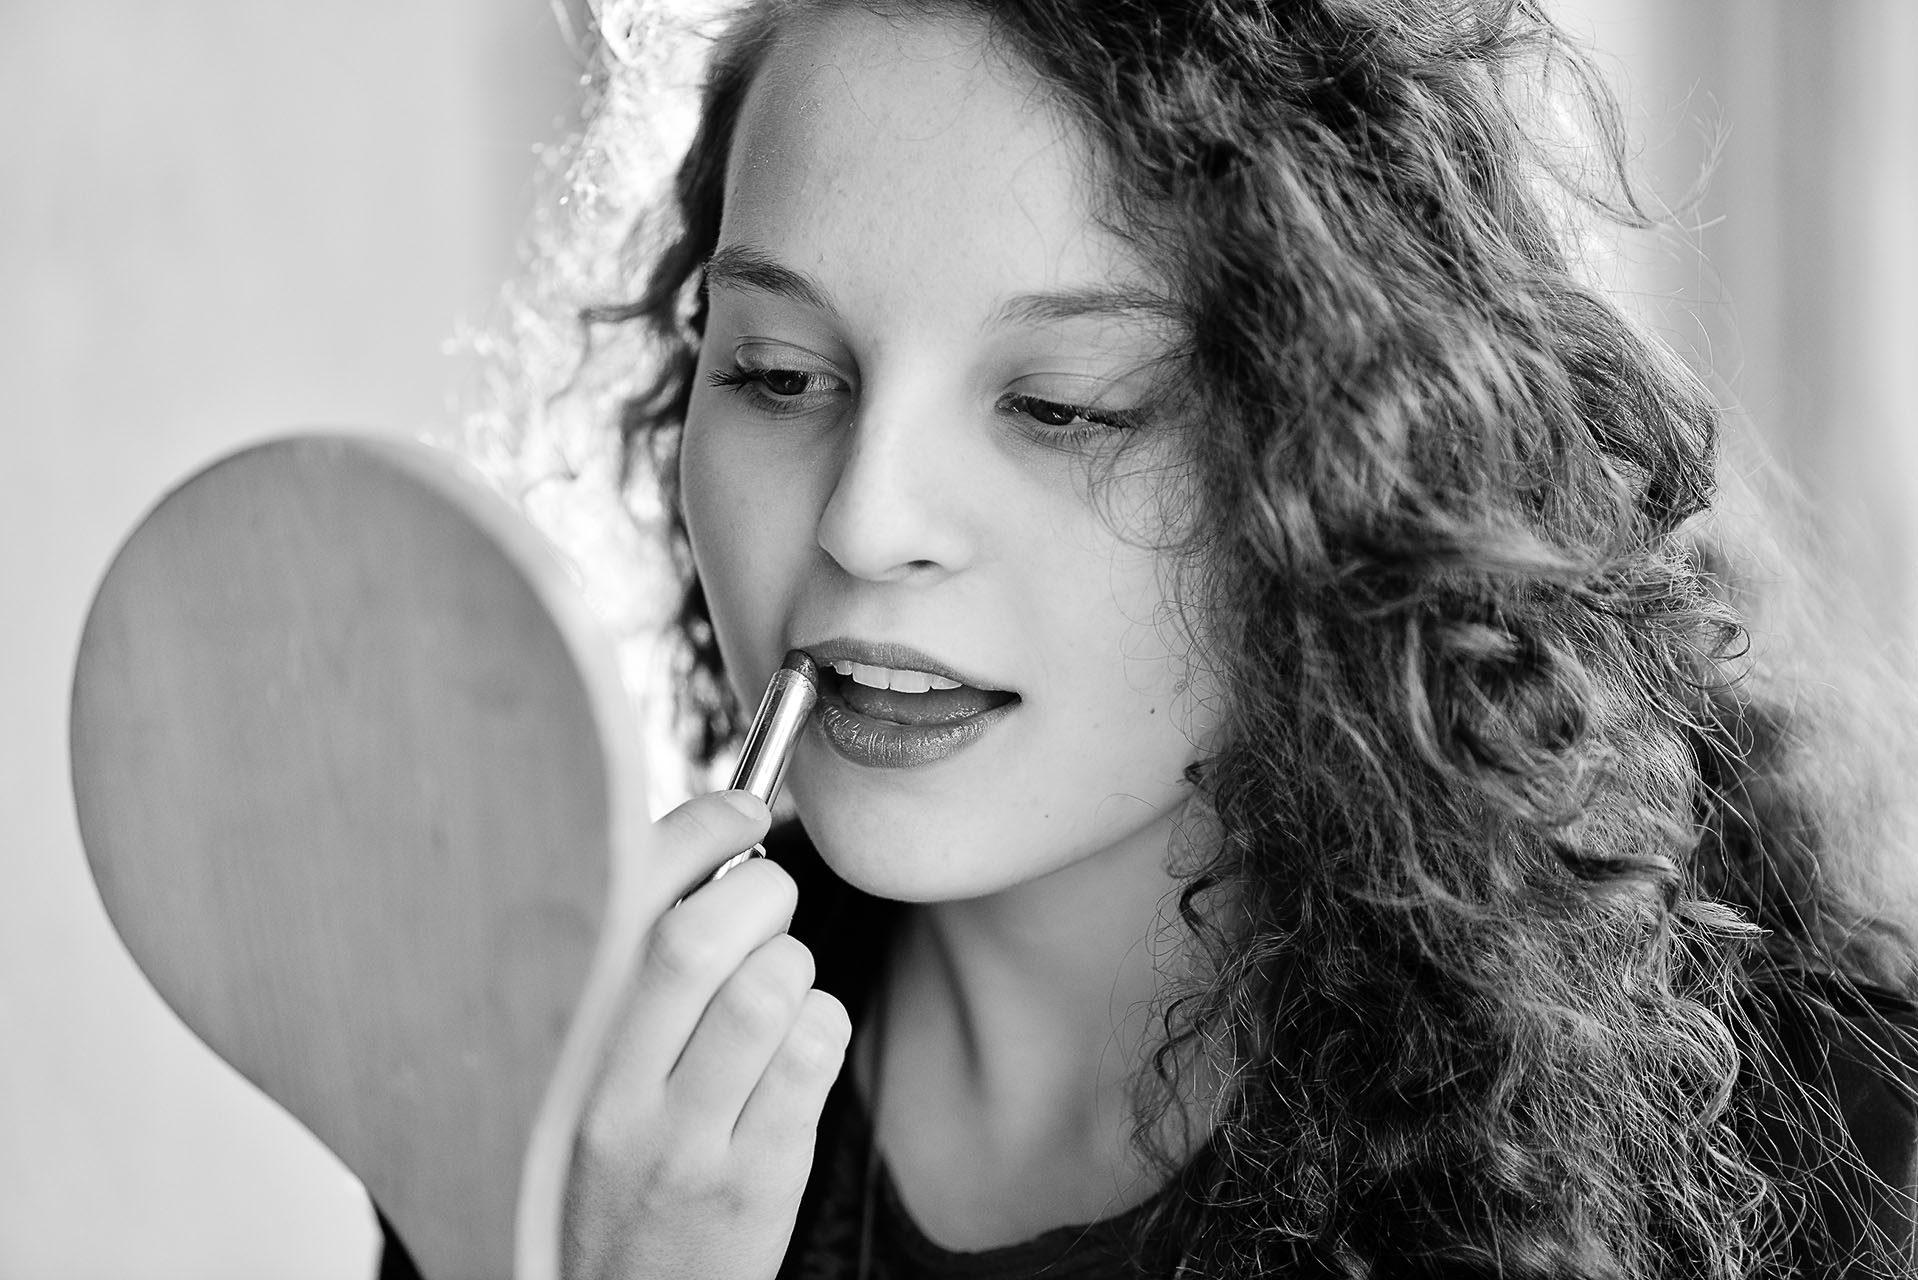 photographe-portraits-book-comedien-ile-de-france-lucile-val-de-marne